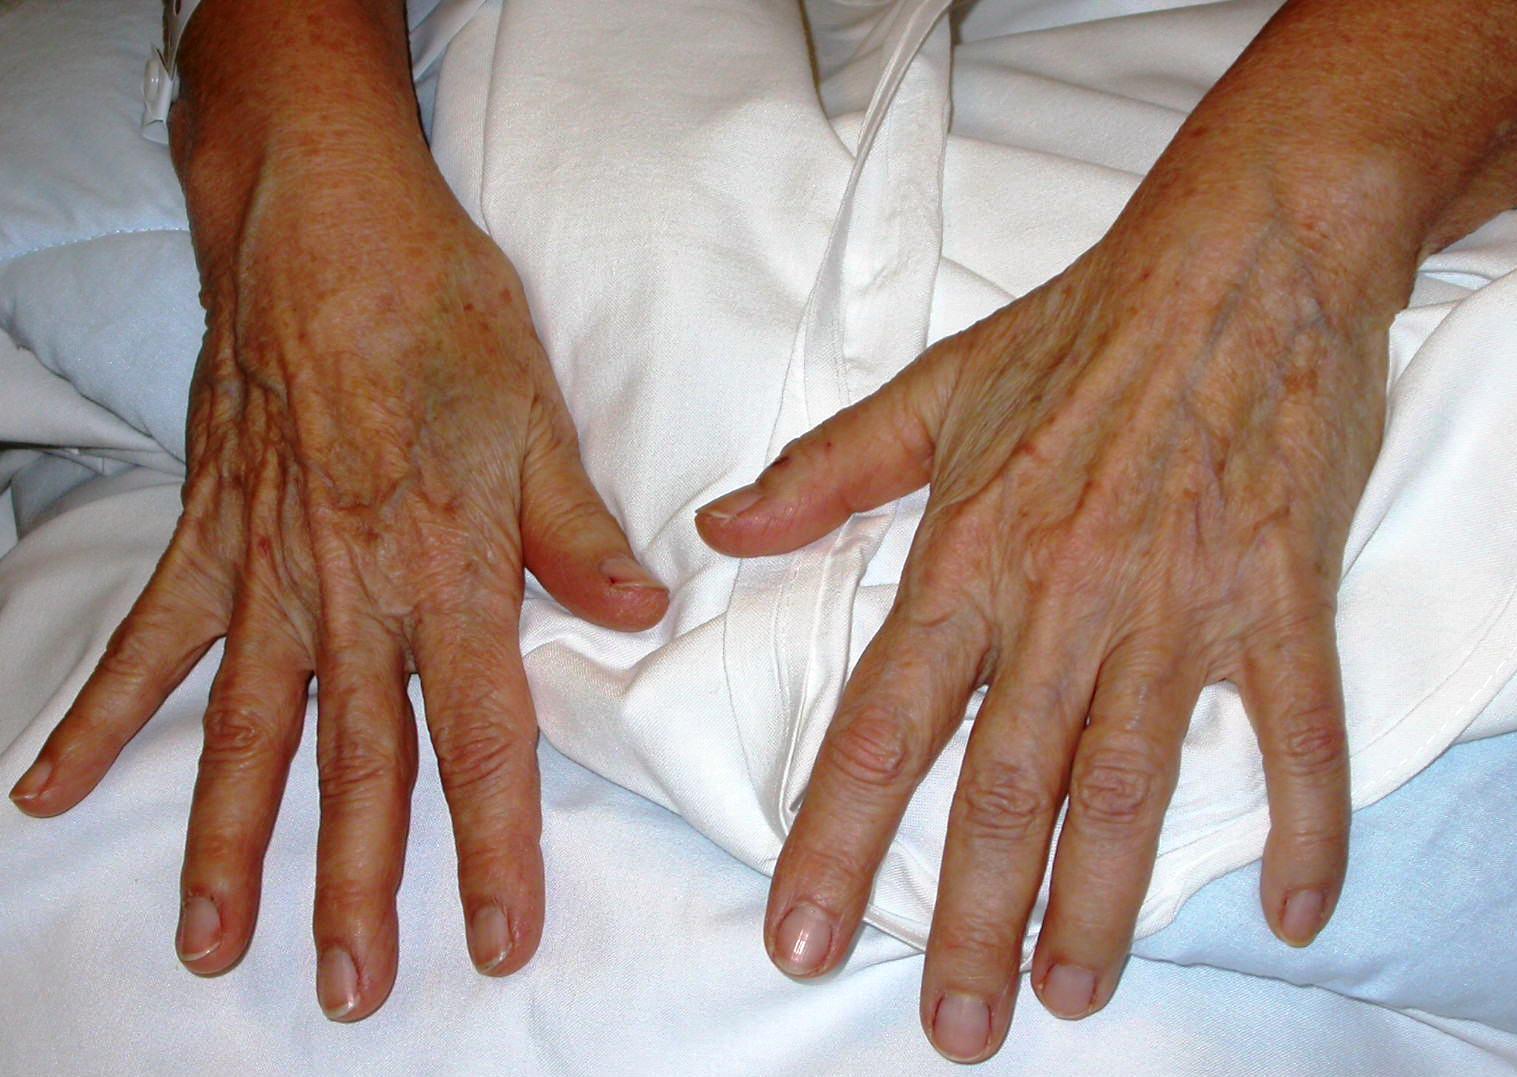 main vieillie trop mince, ,indication de lipofilling ou fillers